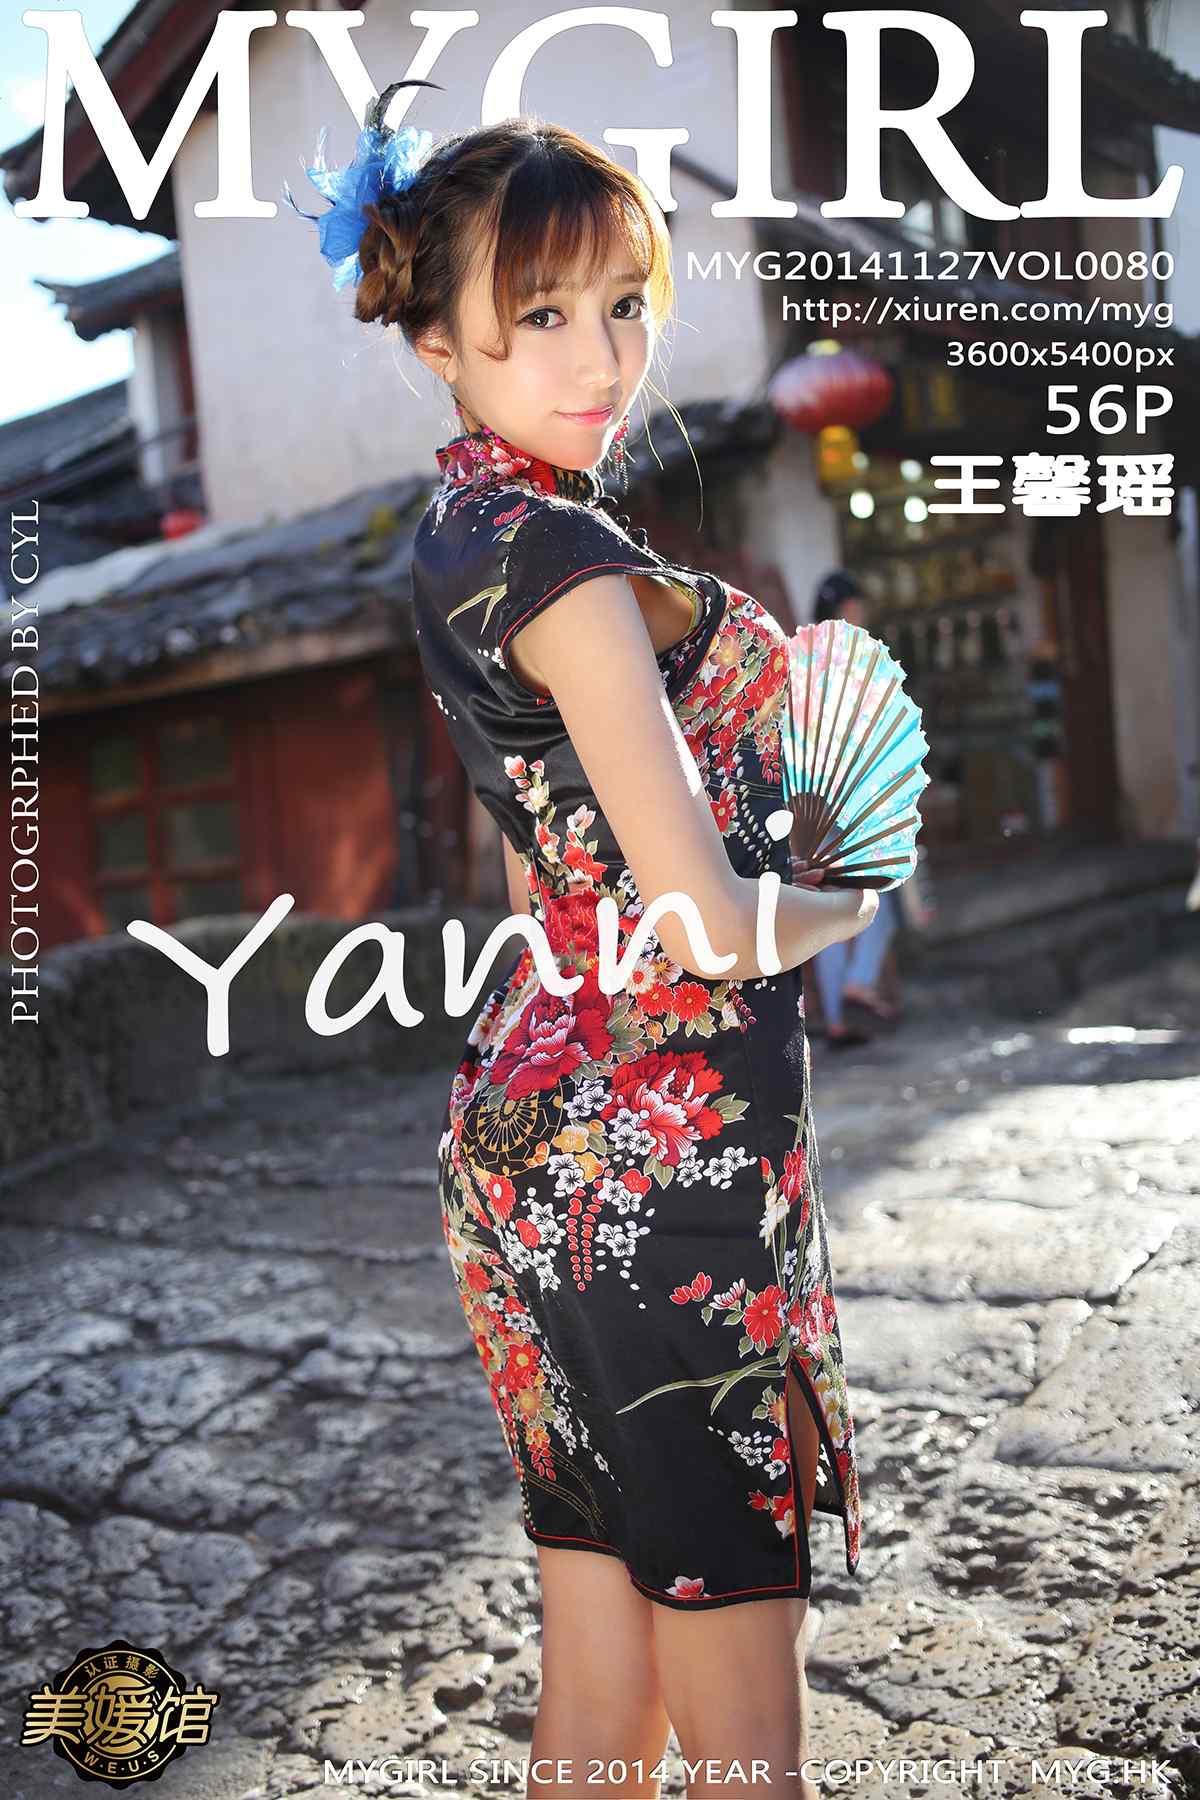 mygirl-080-cover.jpg